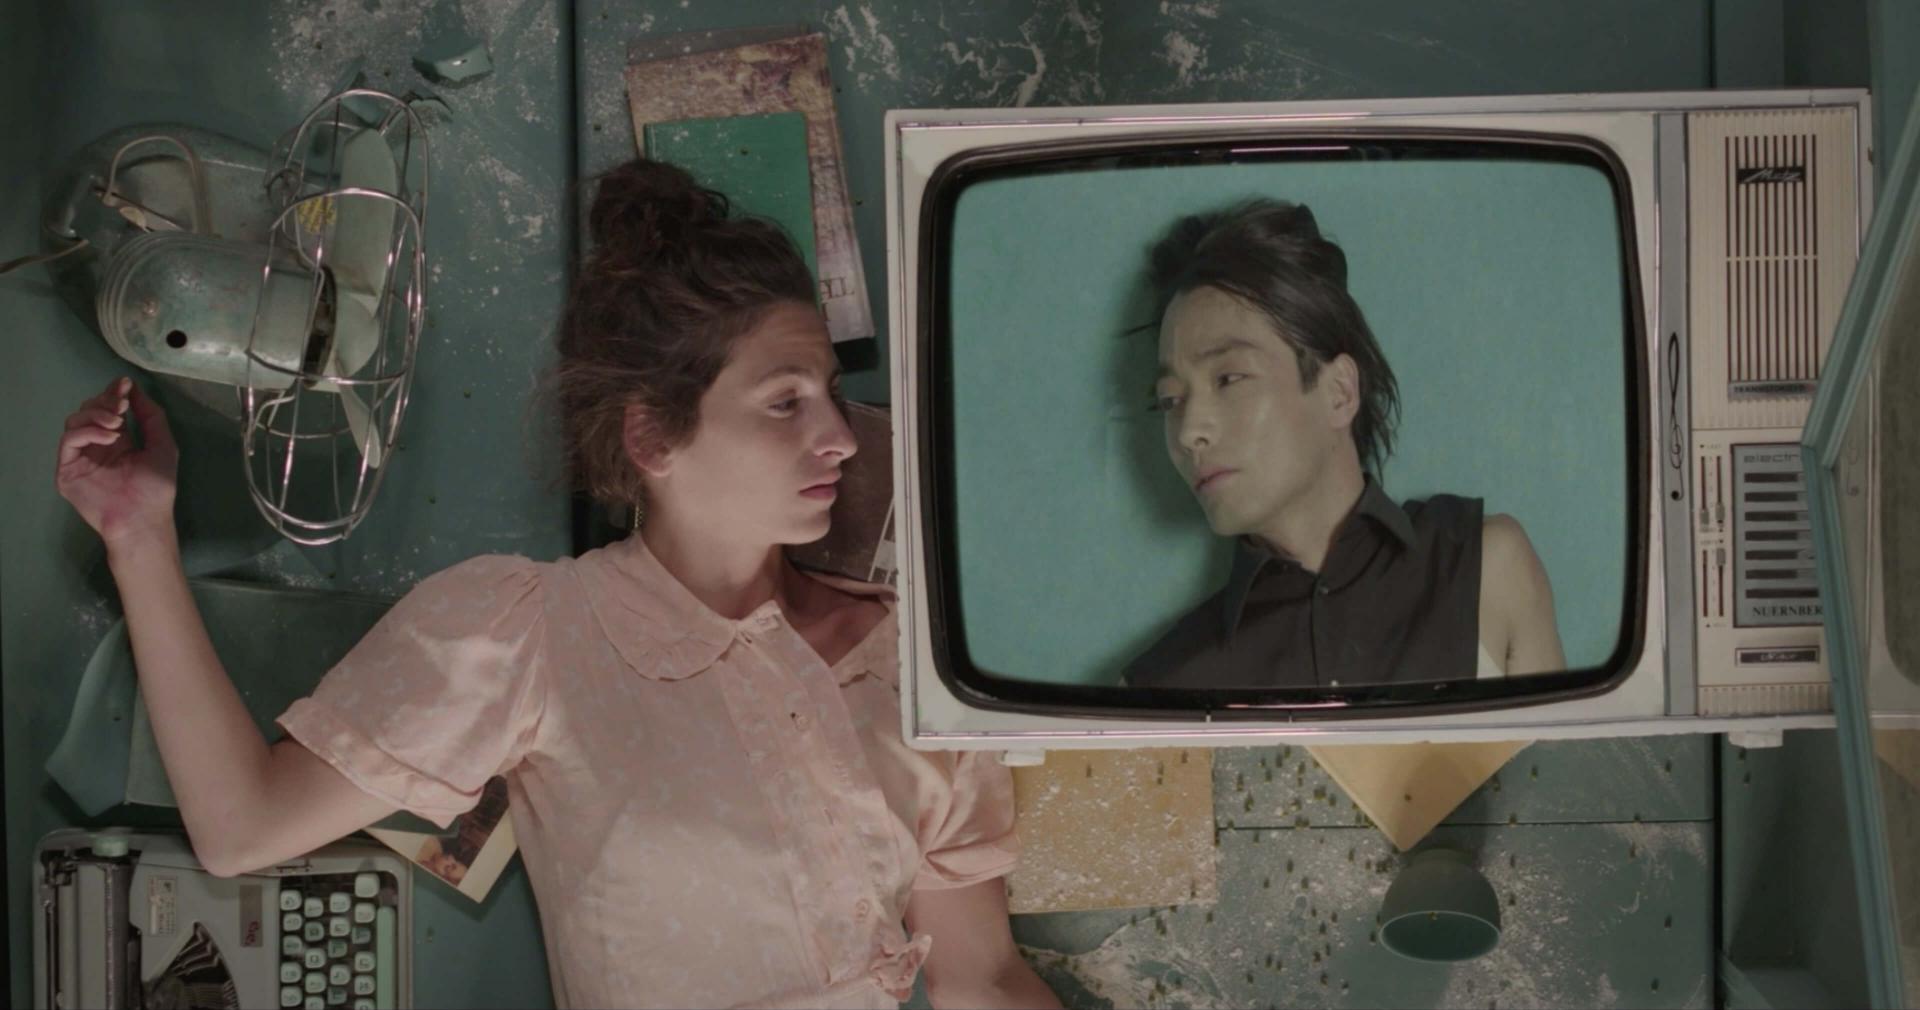 Frau liegt neben Fernseher, auf dessen Bildschirm ein Mann ist, der die Frau anschaut